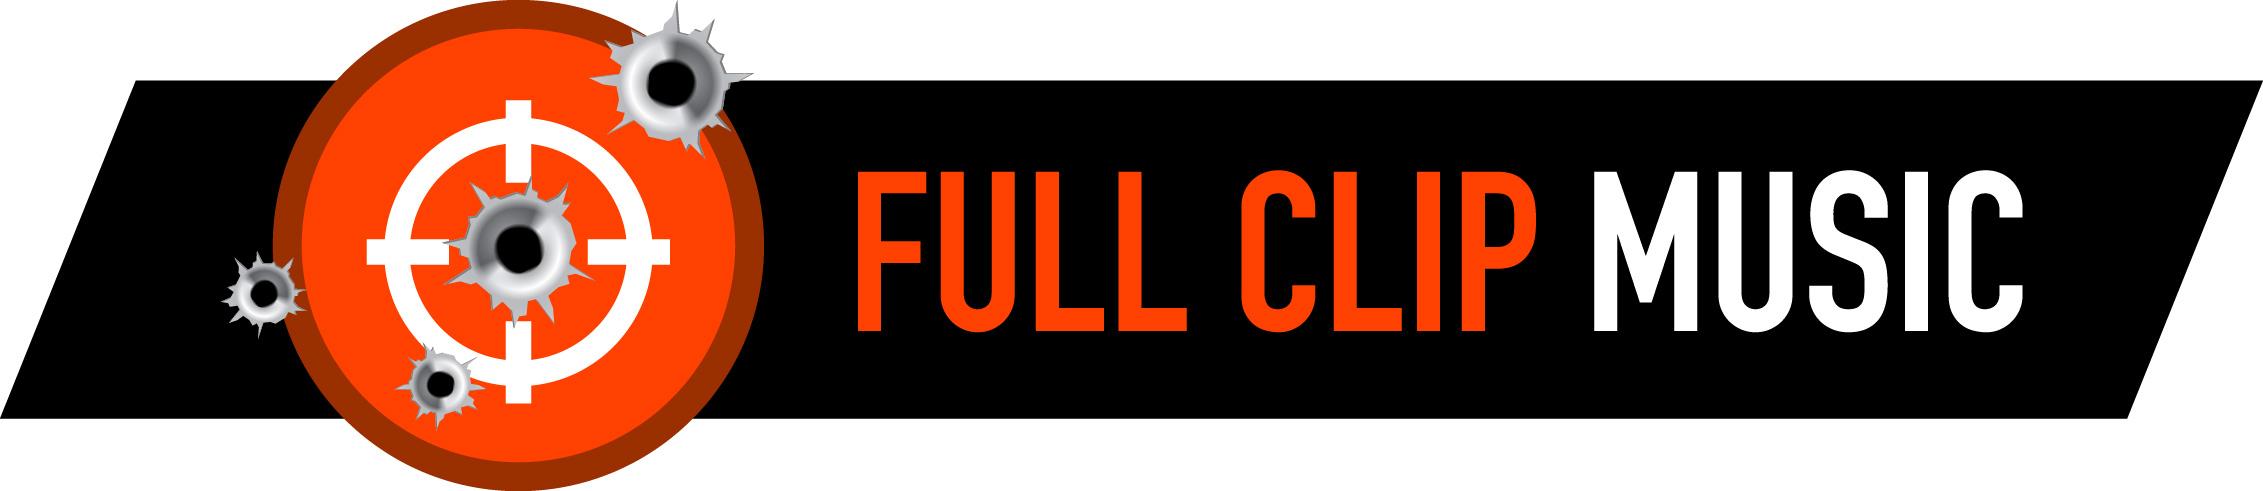 Full Clip Music (FCM)